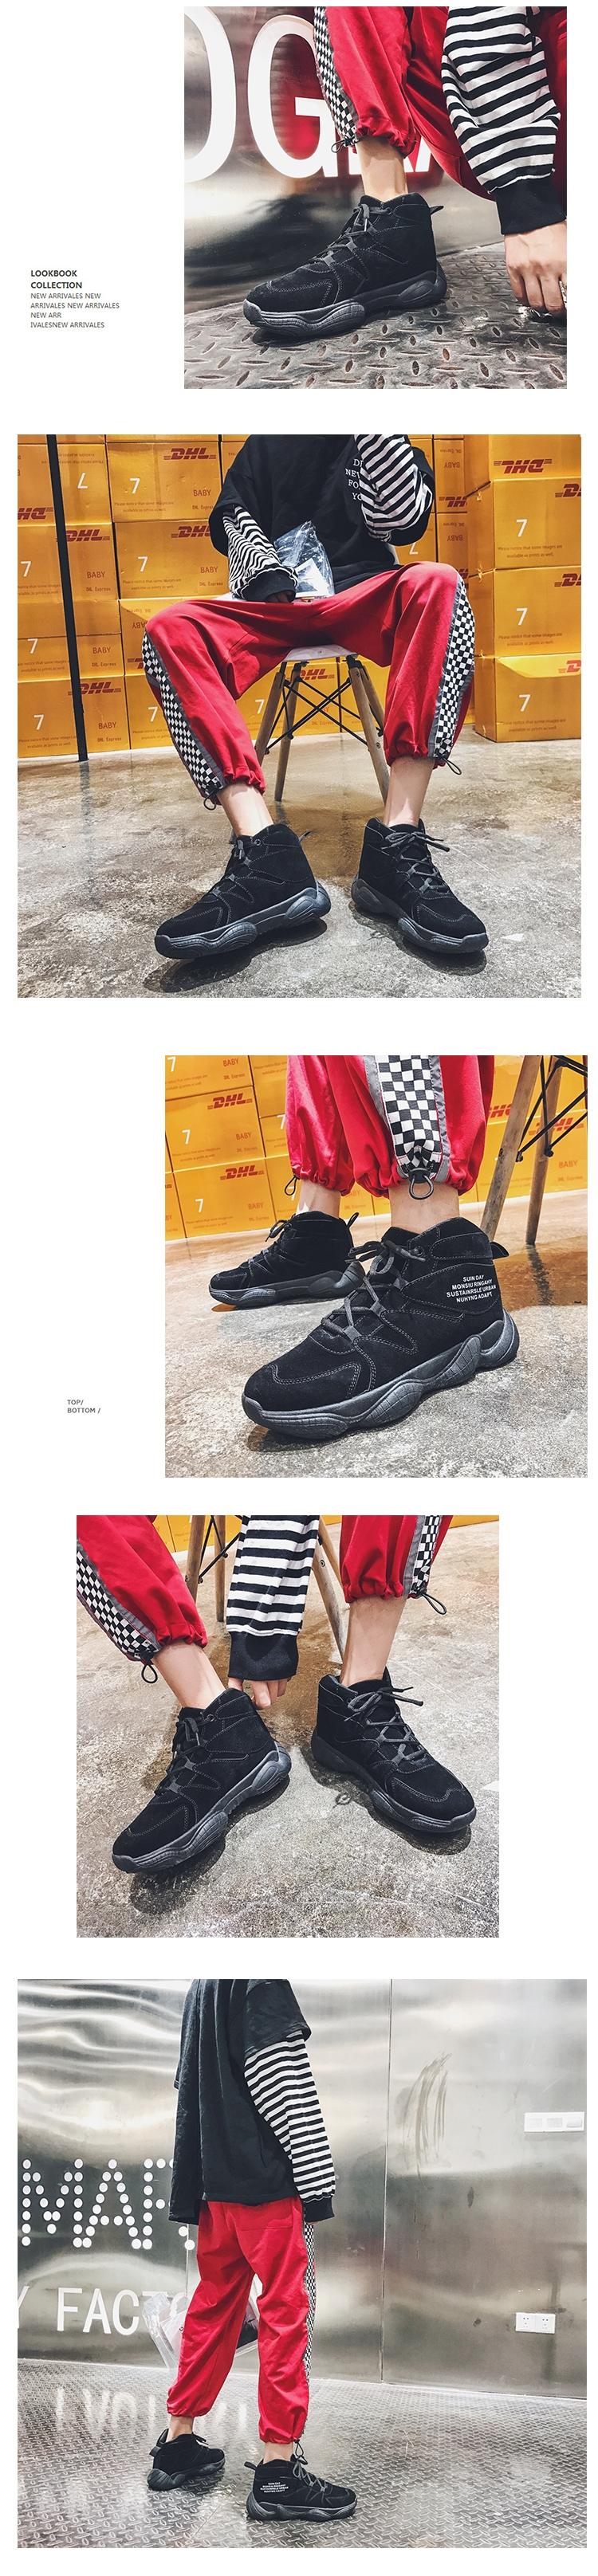 秋冬新款百搭复古高帮鞋潮流韩版街拍运动鞋xz1002-A171P60控78